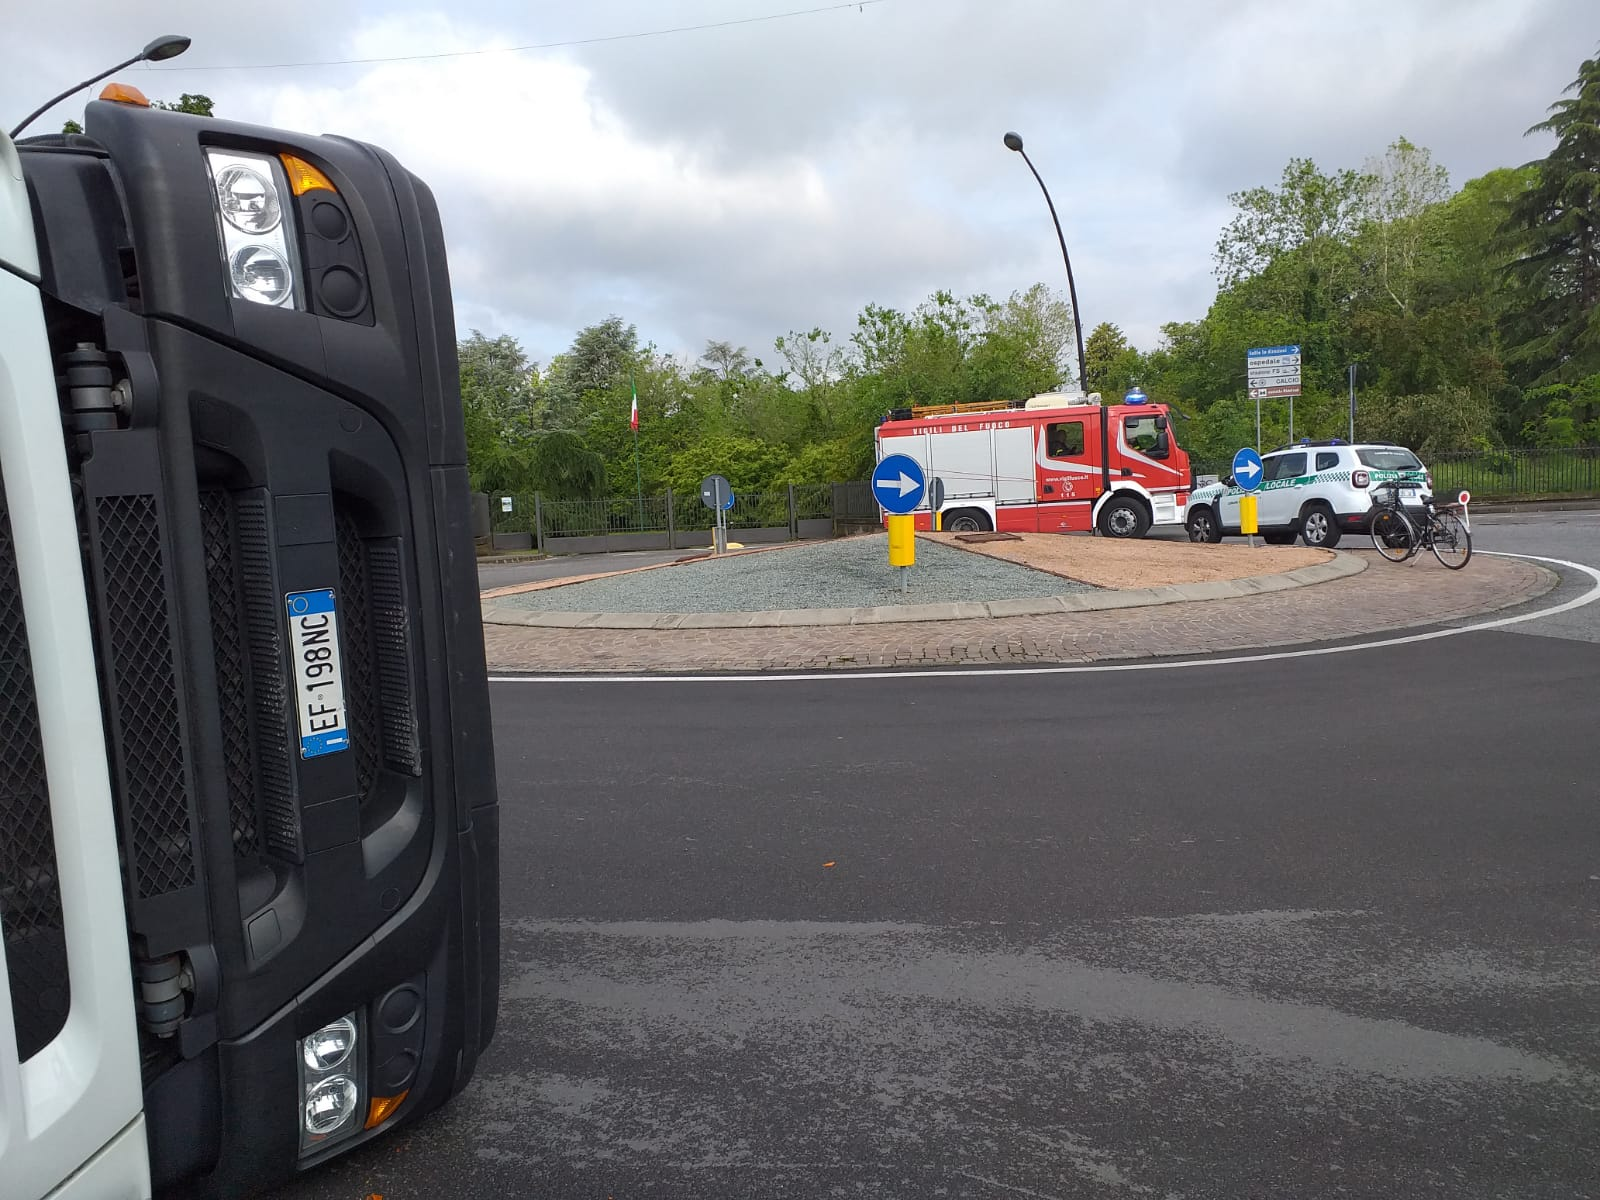 Camion dei rifiuti si ribalta in rotonda, traffico